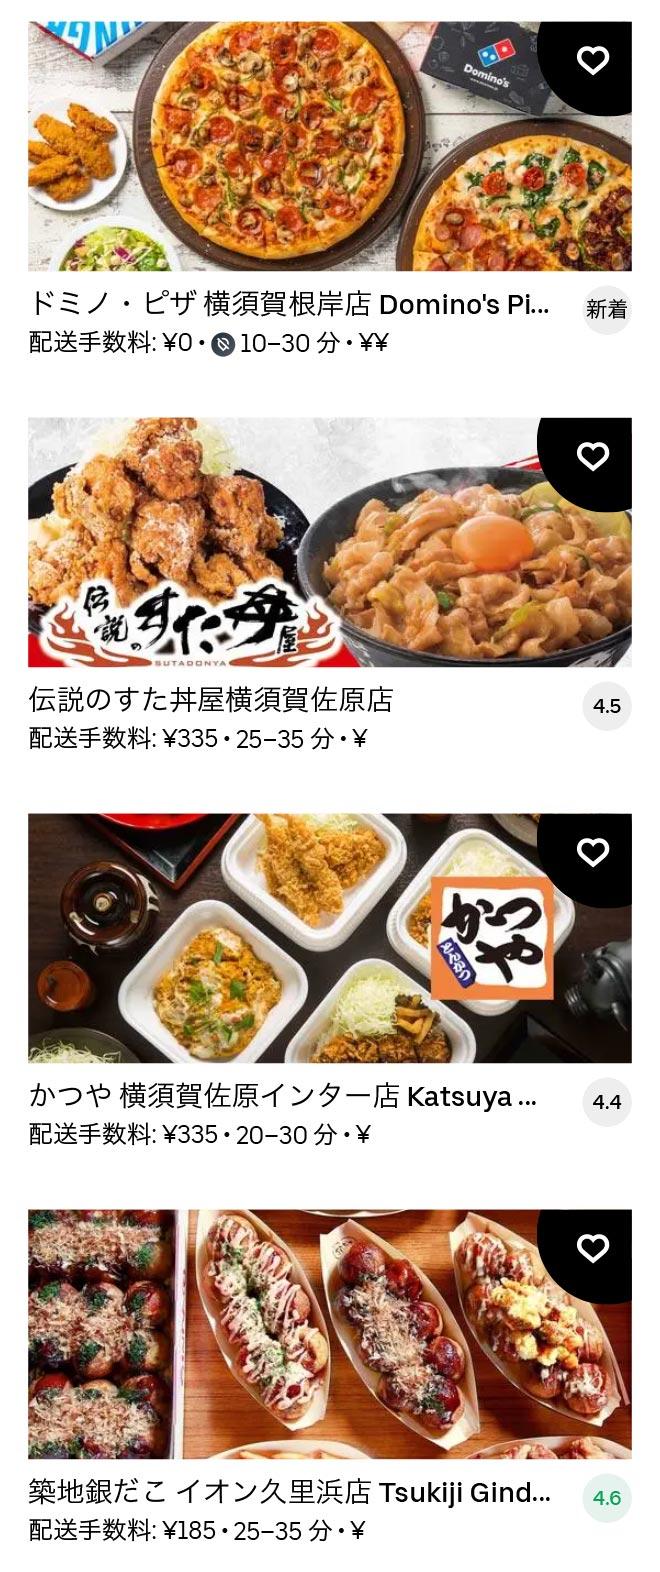 Kurihama menu 2011 03